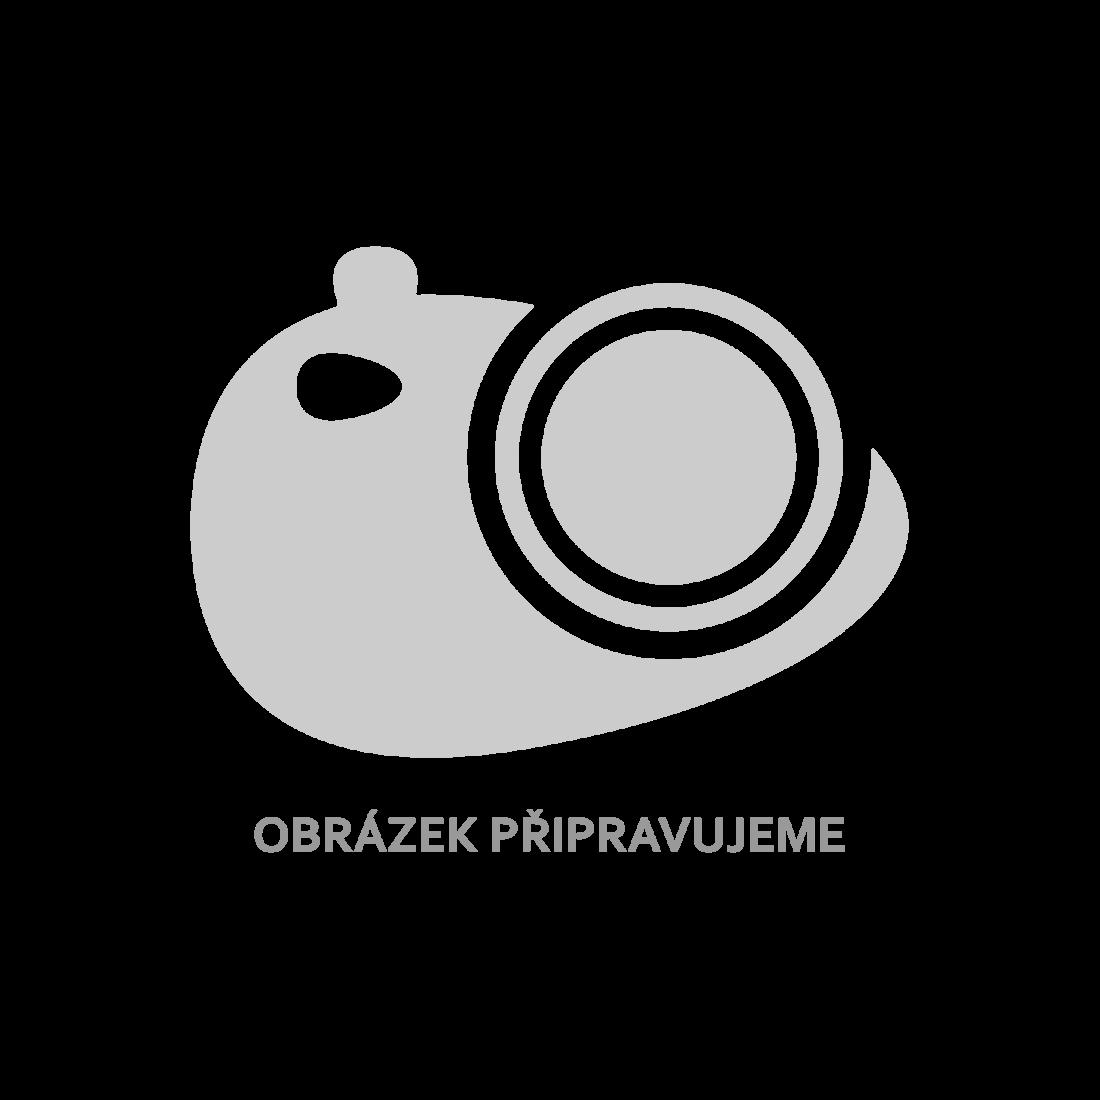 vidaXL Kuchyňské skříňky 2 ks černé 50 x 31 x 60 cm dřevotříska [805079]